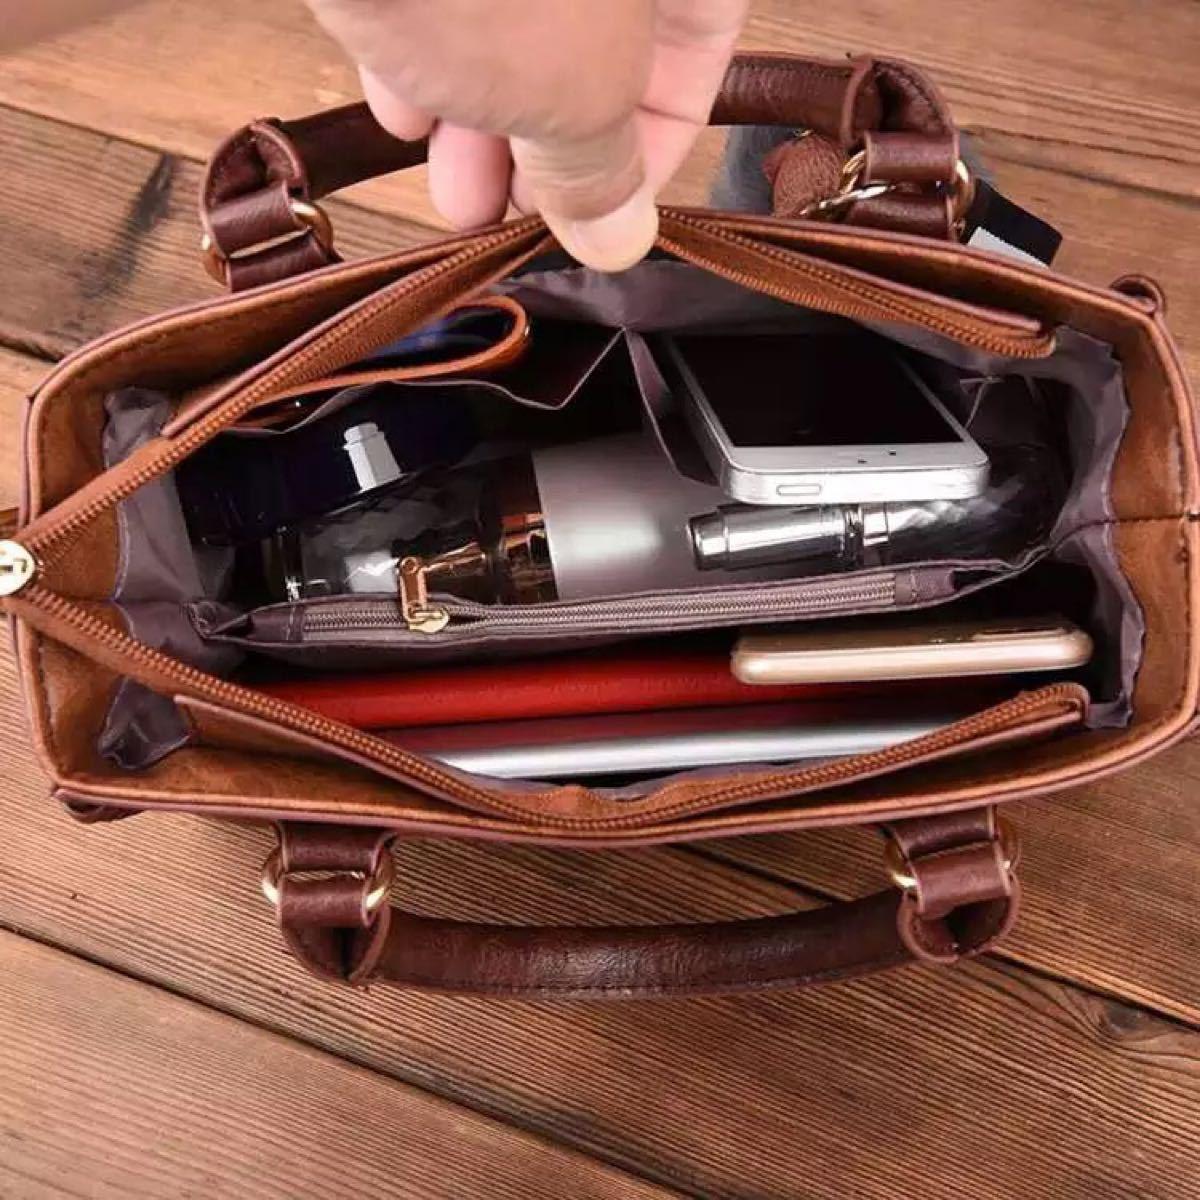 使いやすいハンドバッグ ショルダー付属 レディース ブラック 黒色